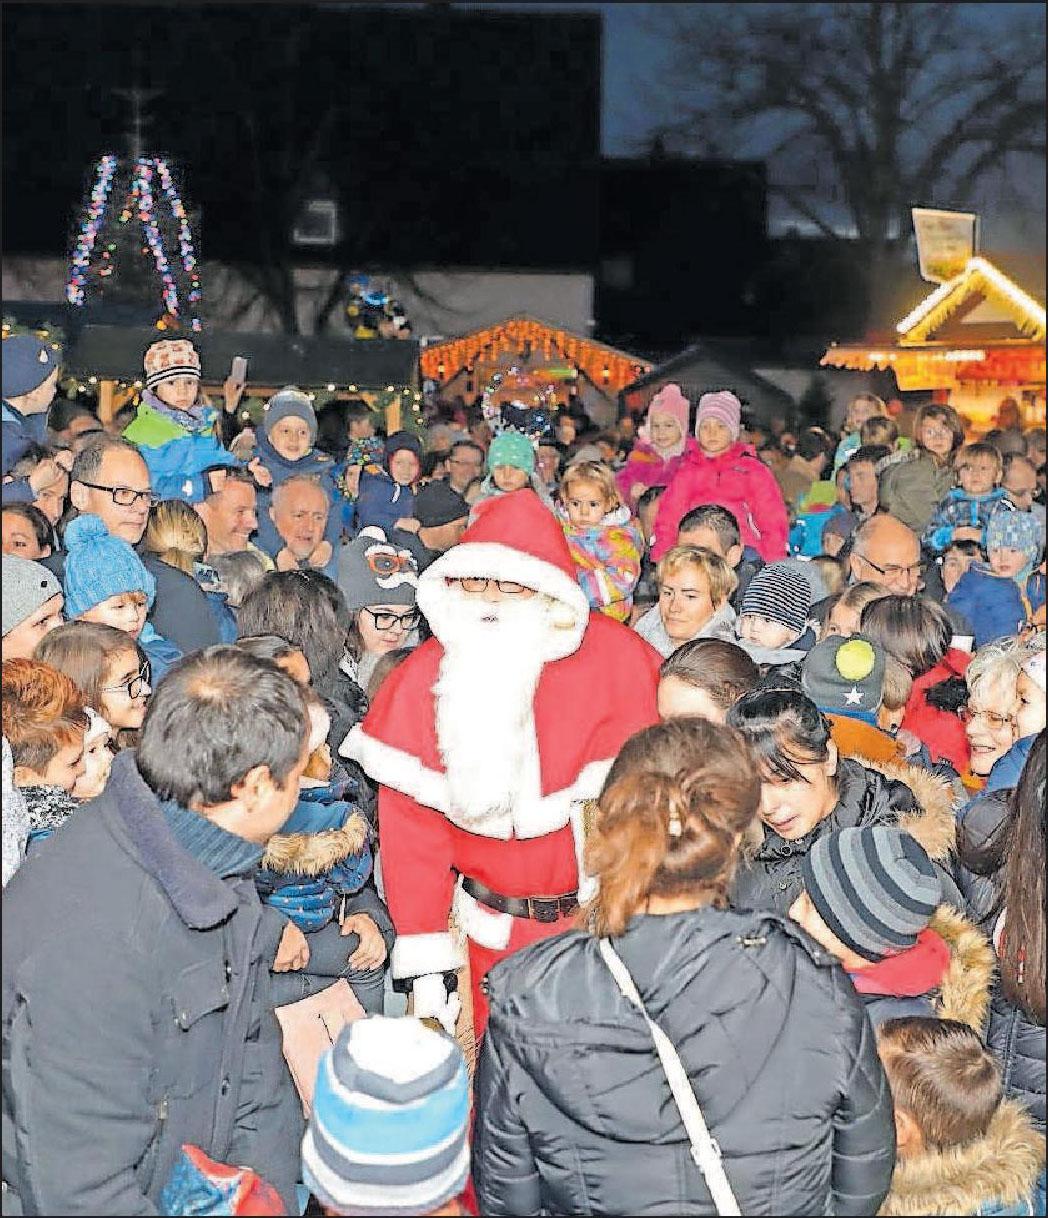 Der Nikolaus wird am Sonntagnachmittag auf dem gleichnamigen Markt vor dem Carl-Bosch-Haus erwartet. FOTOS: GRAF/HOFFMANN/FREI